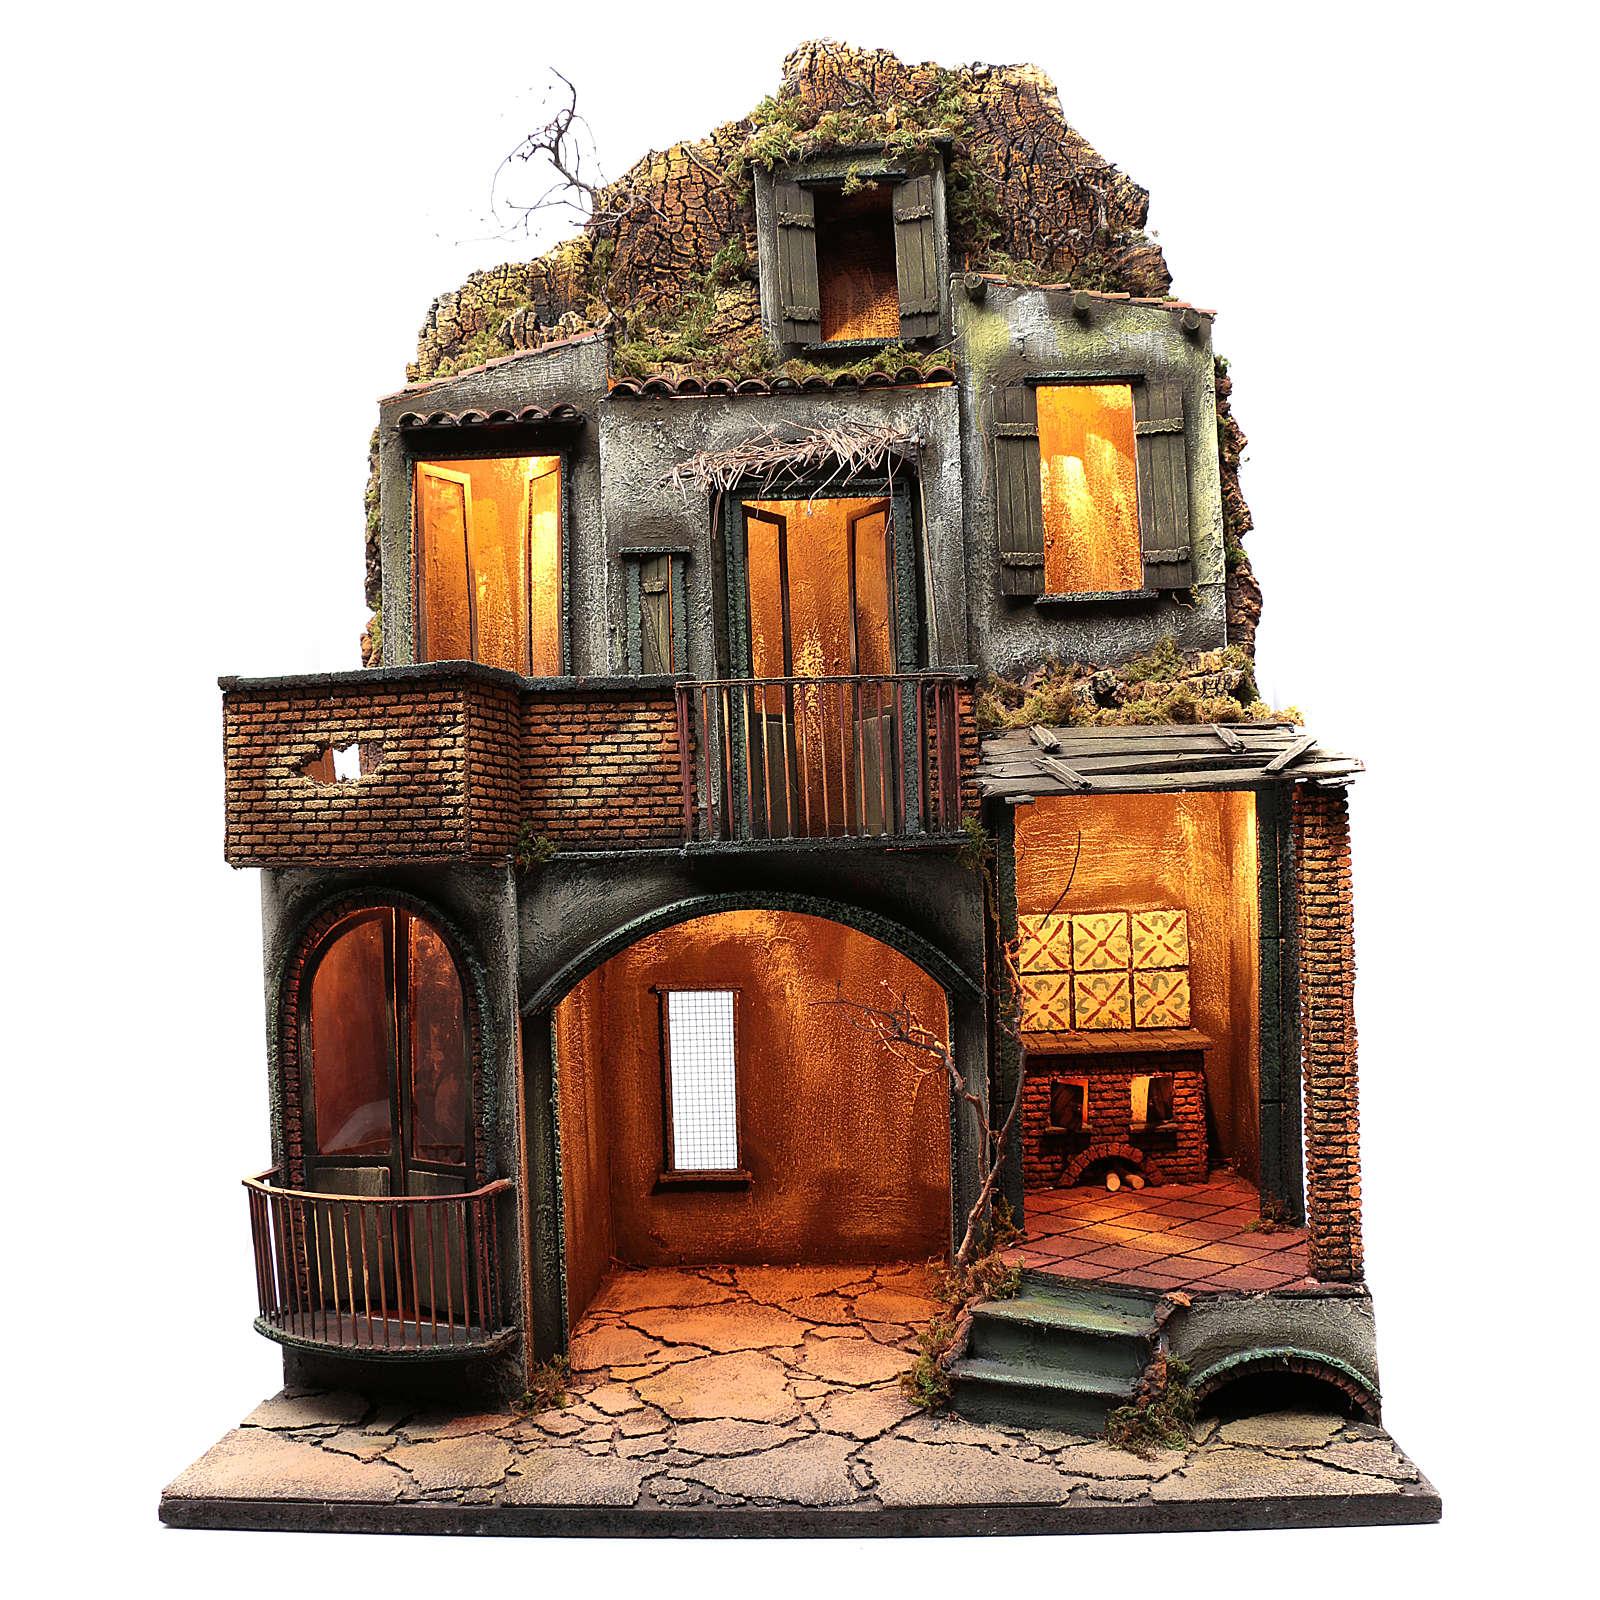 Ambientación iluminada para pesebre Napolitano casa portal y hogar 115x80x60 cm 4